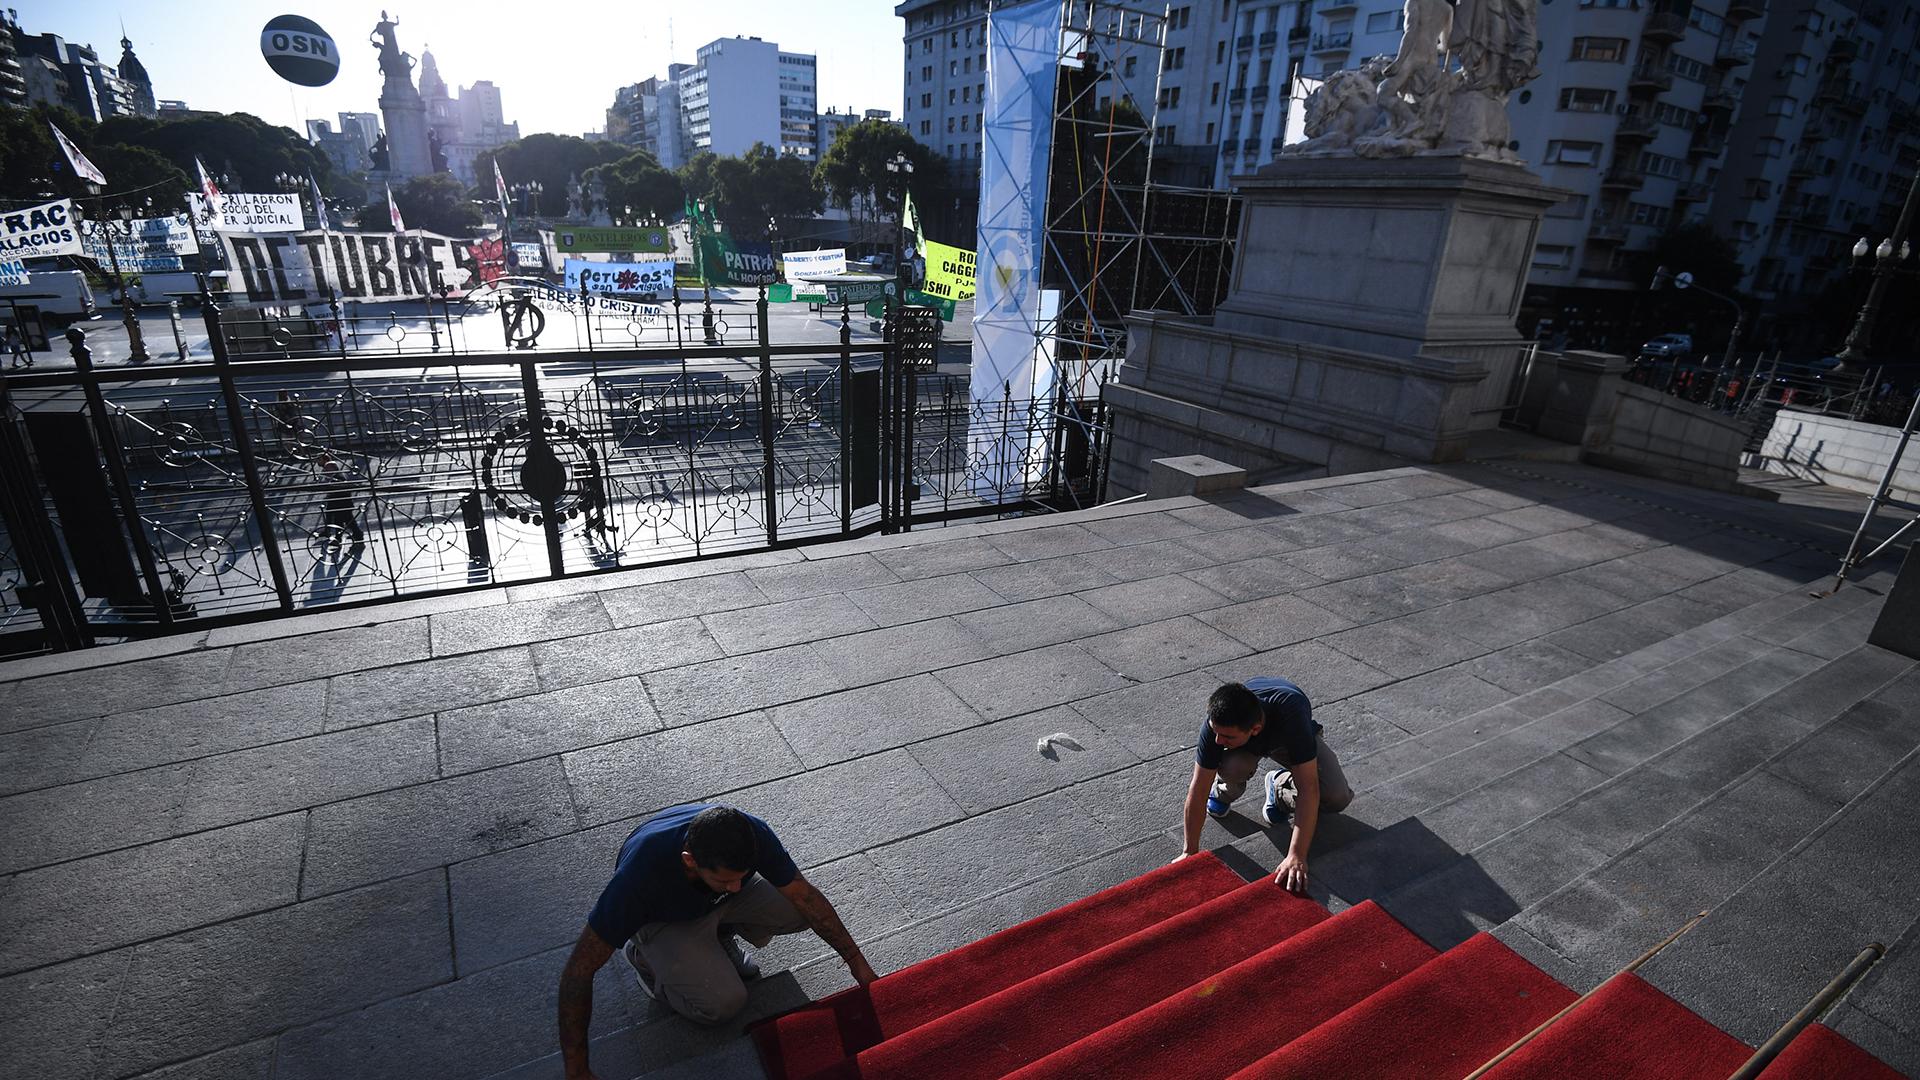 Es la primera vez en la vida política de Alberto Fernández que abre las sesiones ordinarias del Congreso de la Nación. El presidente, en compañía de la vicepresidenta Cristina Kirchner, dieron comienzo al 138 período legislativo